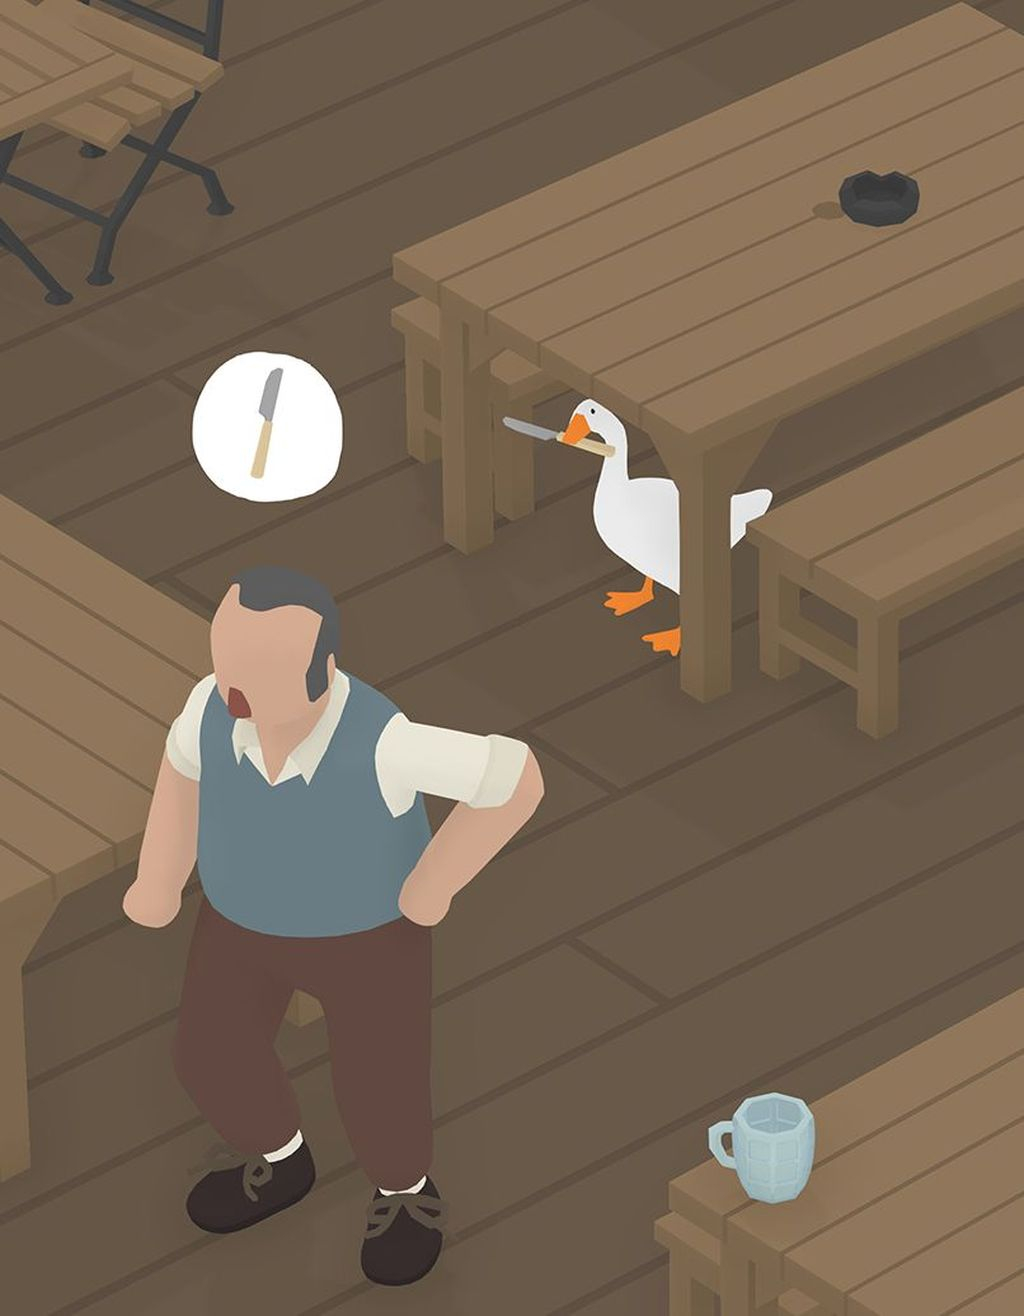 Ärhäkkä hanhi piinaa pikkukylän asukkaita pelissä nimeltä Untitled Goose Game.